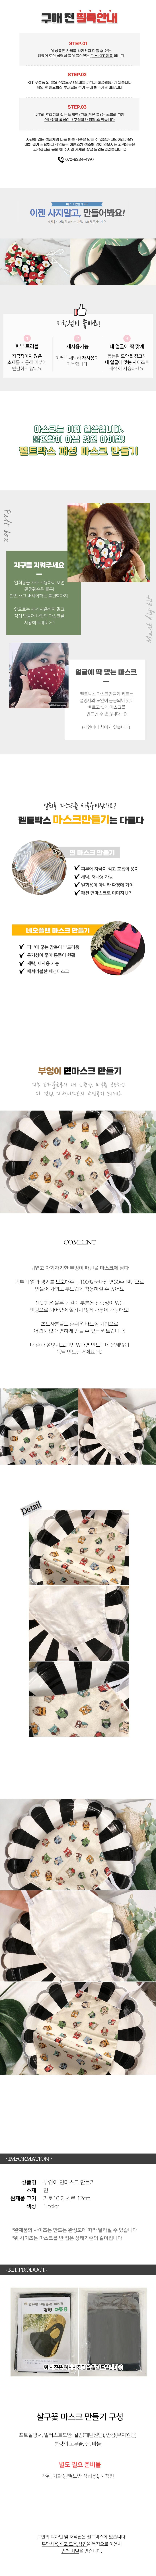 면마스크 만들기DIY 부엉이(실,바늘) 마스크 diy kit3,900원-펠트박스키덜트/취미, 핸드메이드/DIY, 퀼트/원단공예, 패브릭아트 패키지바보사랑면마스크 만들기DIY 부엉이(실,바늘) 마스크 diy kit3,900원-펠트박스키덜트/취미, 핸드메이드/DIY, 퀼트/원단공예, 패브릭아트 패키지바보사랑